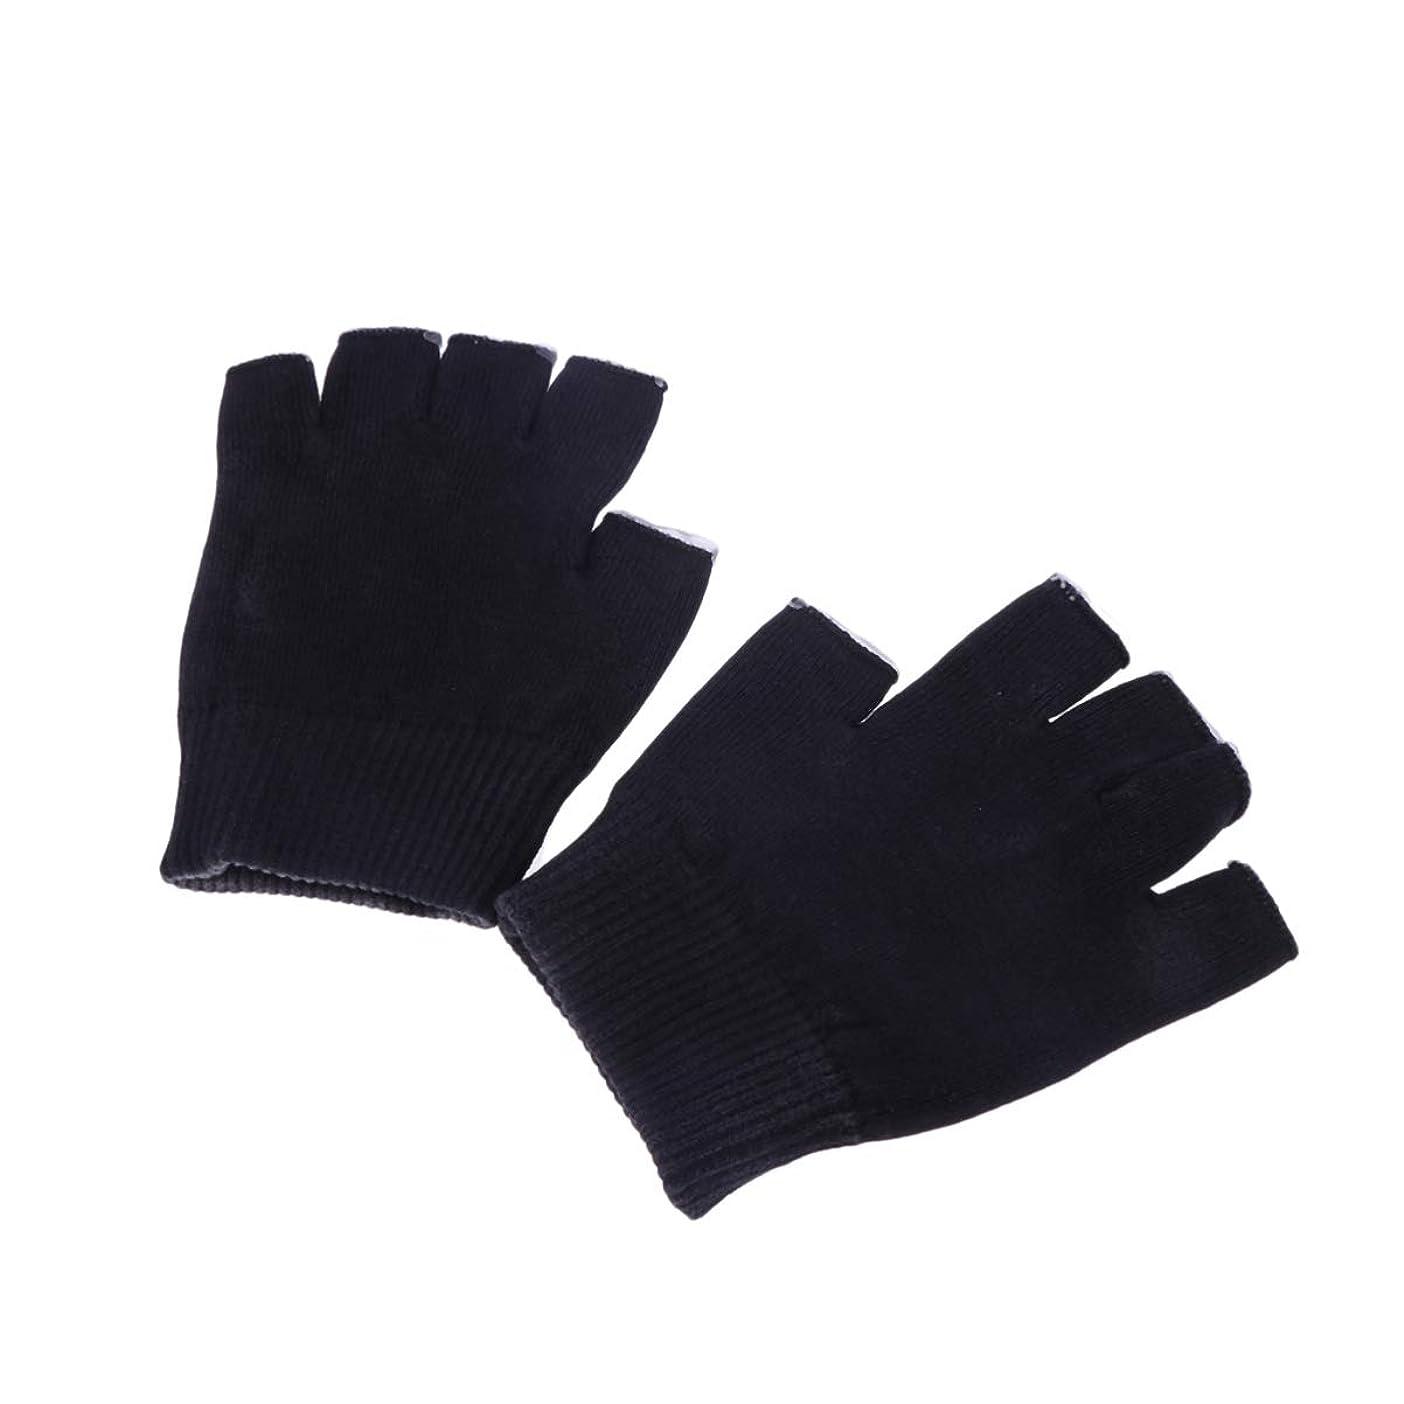 その結果アイスクリーム別のSUPVOX ハンドケア 手袋 指なし ゲル 保湿 美容成分配合 手荒れ 対策 おやすみ スキンケア グローブ うるおい 保護